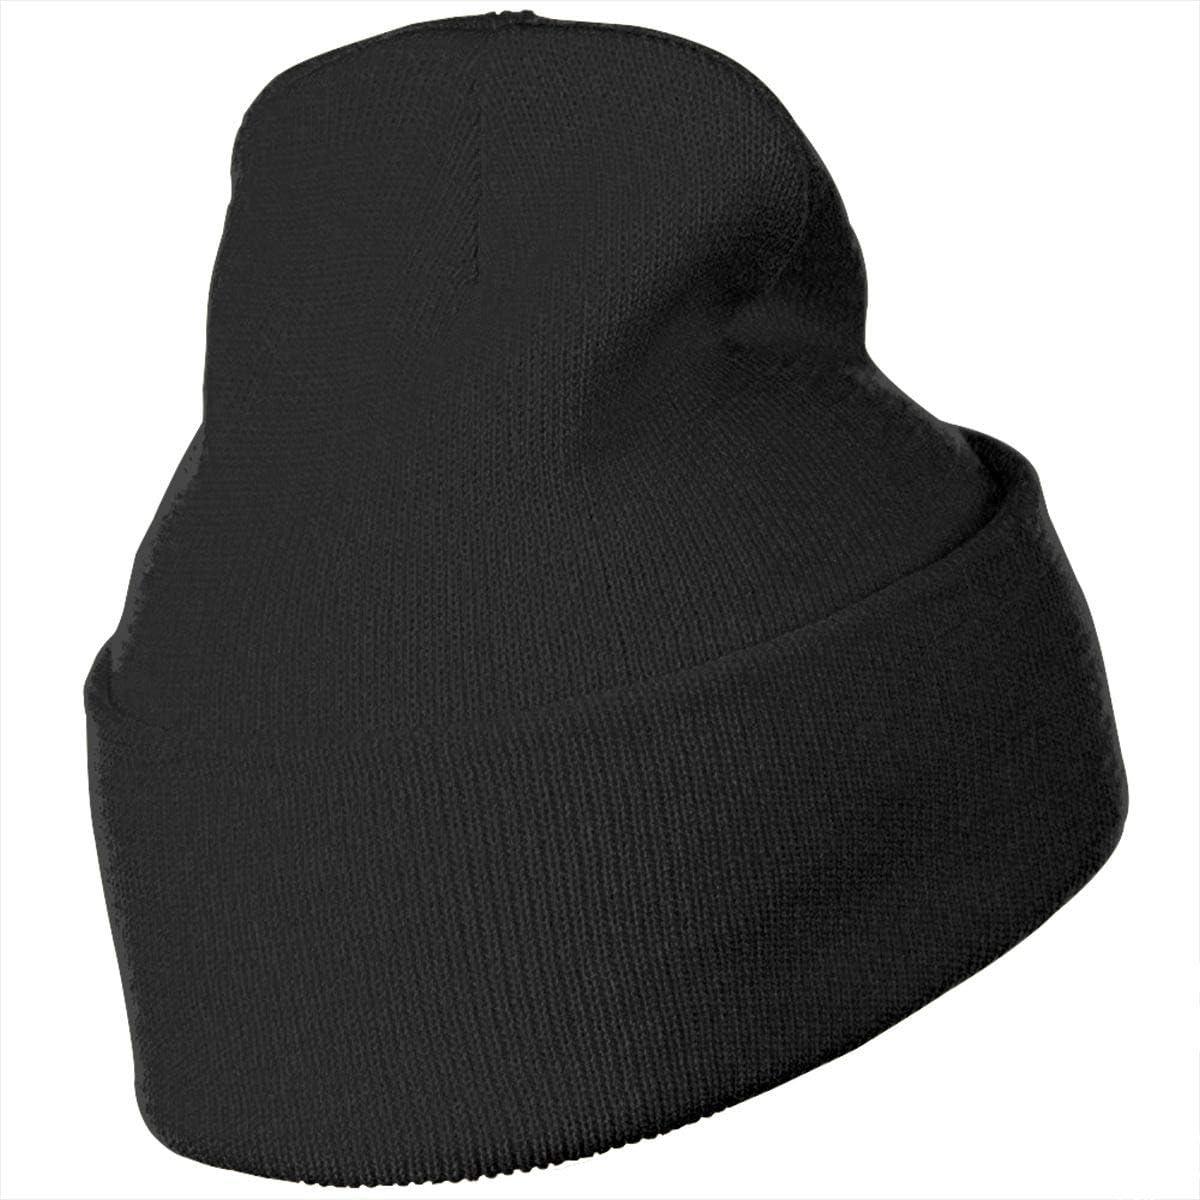 MaryWilson Berretti in Maglia Black Label Society con Motivo Unico Semplice Inverno Caldo Cappello A Cuffia Outdoor Unisex